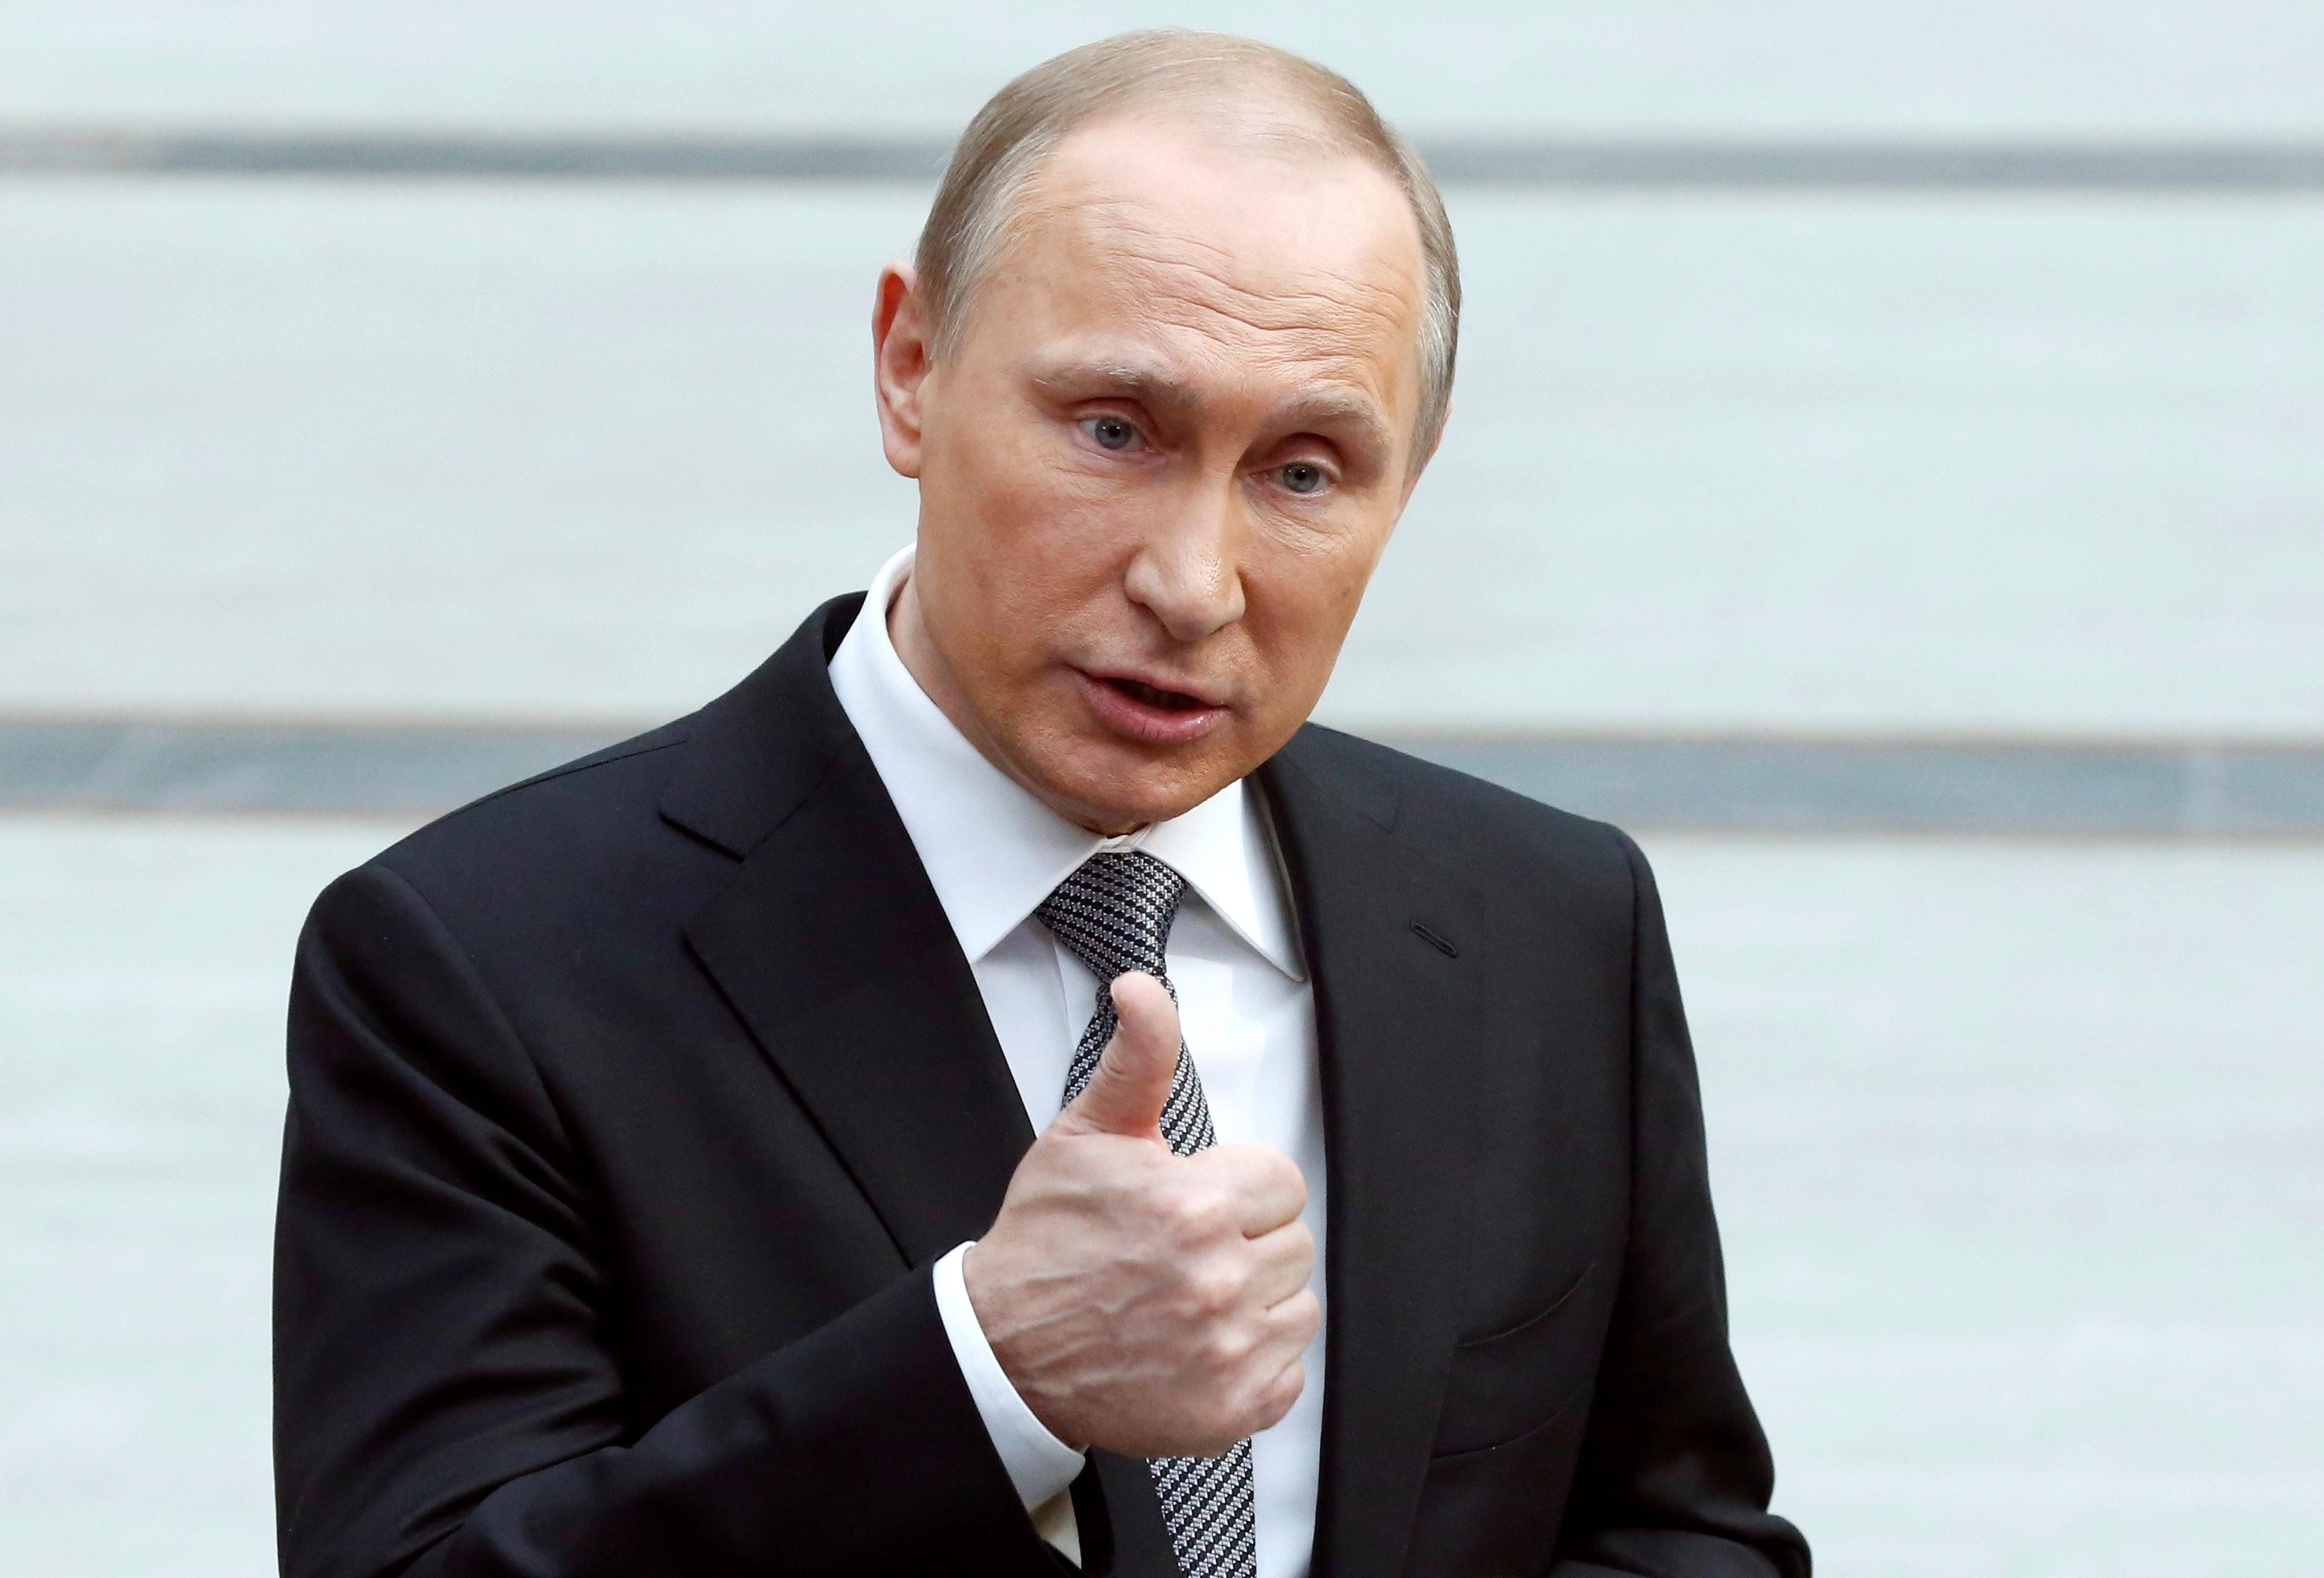 """The Wall Street Journal: в обнищавших """"ДНР"""" и """"ЛНР"""", которые контролирует Кремль, нарастает недовольство - в ответ Путин наращивает агрессию"""